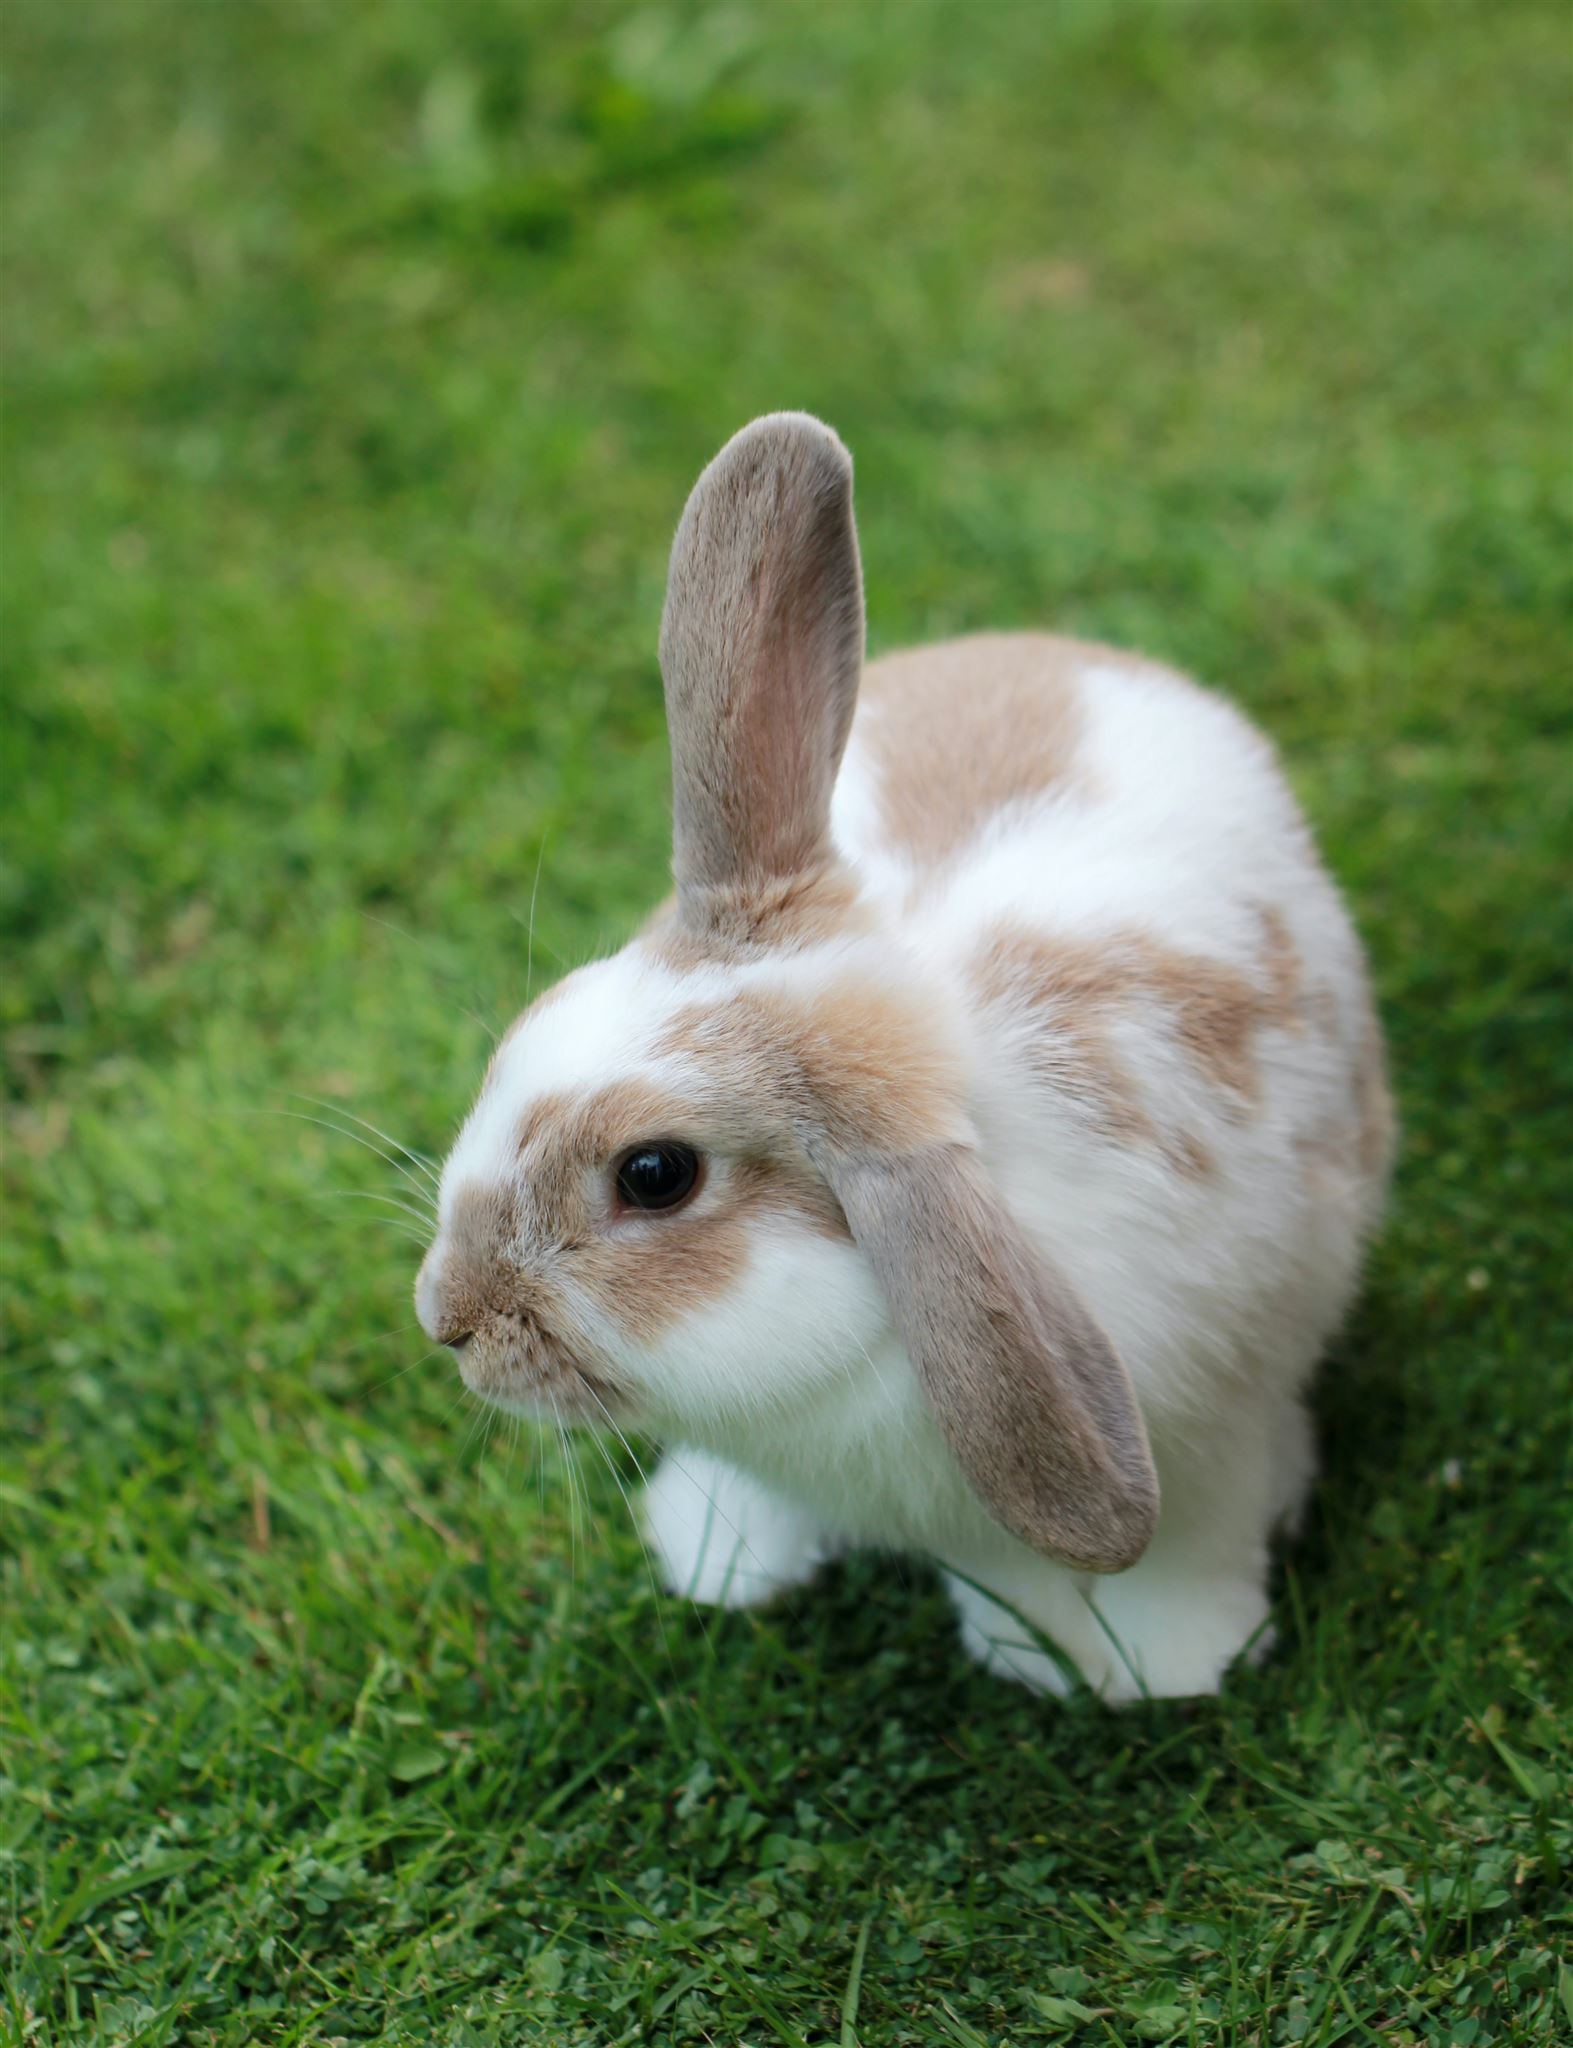 Billede af brun og hvid kanin på en græsplæne